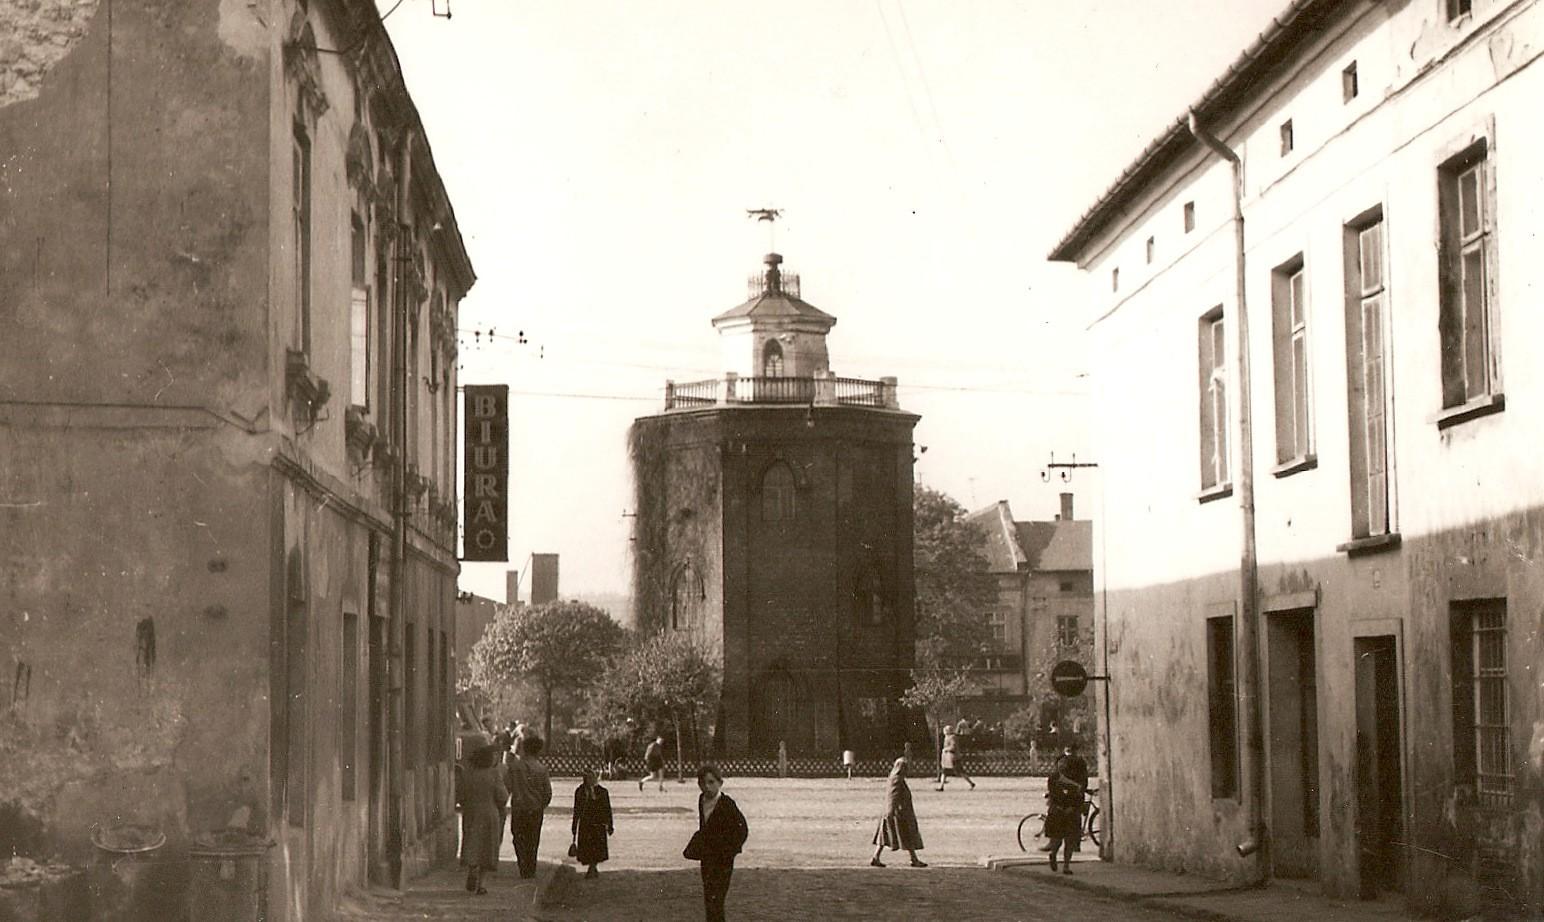 Wieża ciśnień - widok od strony ulicy Floriańskiej. Fotografia z albumu rodziny Pawełczyków przekazana Piotrowi Nogieciowi.